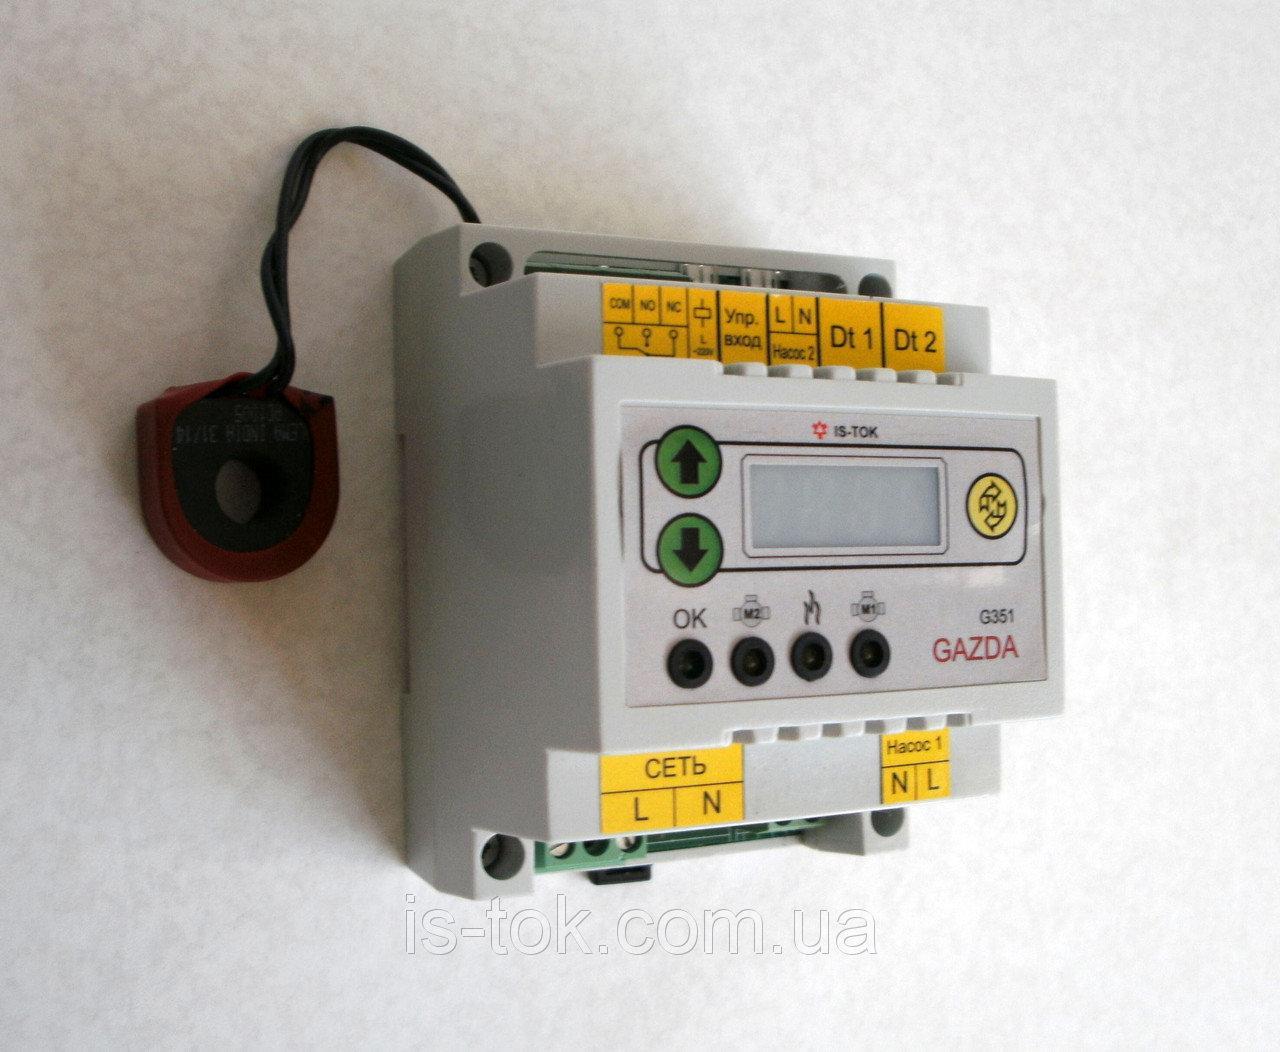 Терморегулятор GAZDA G352-80 - универсальная управляющая система